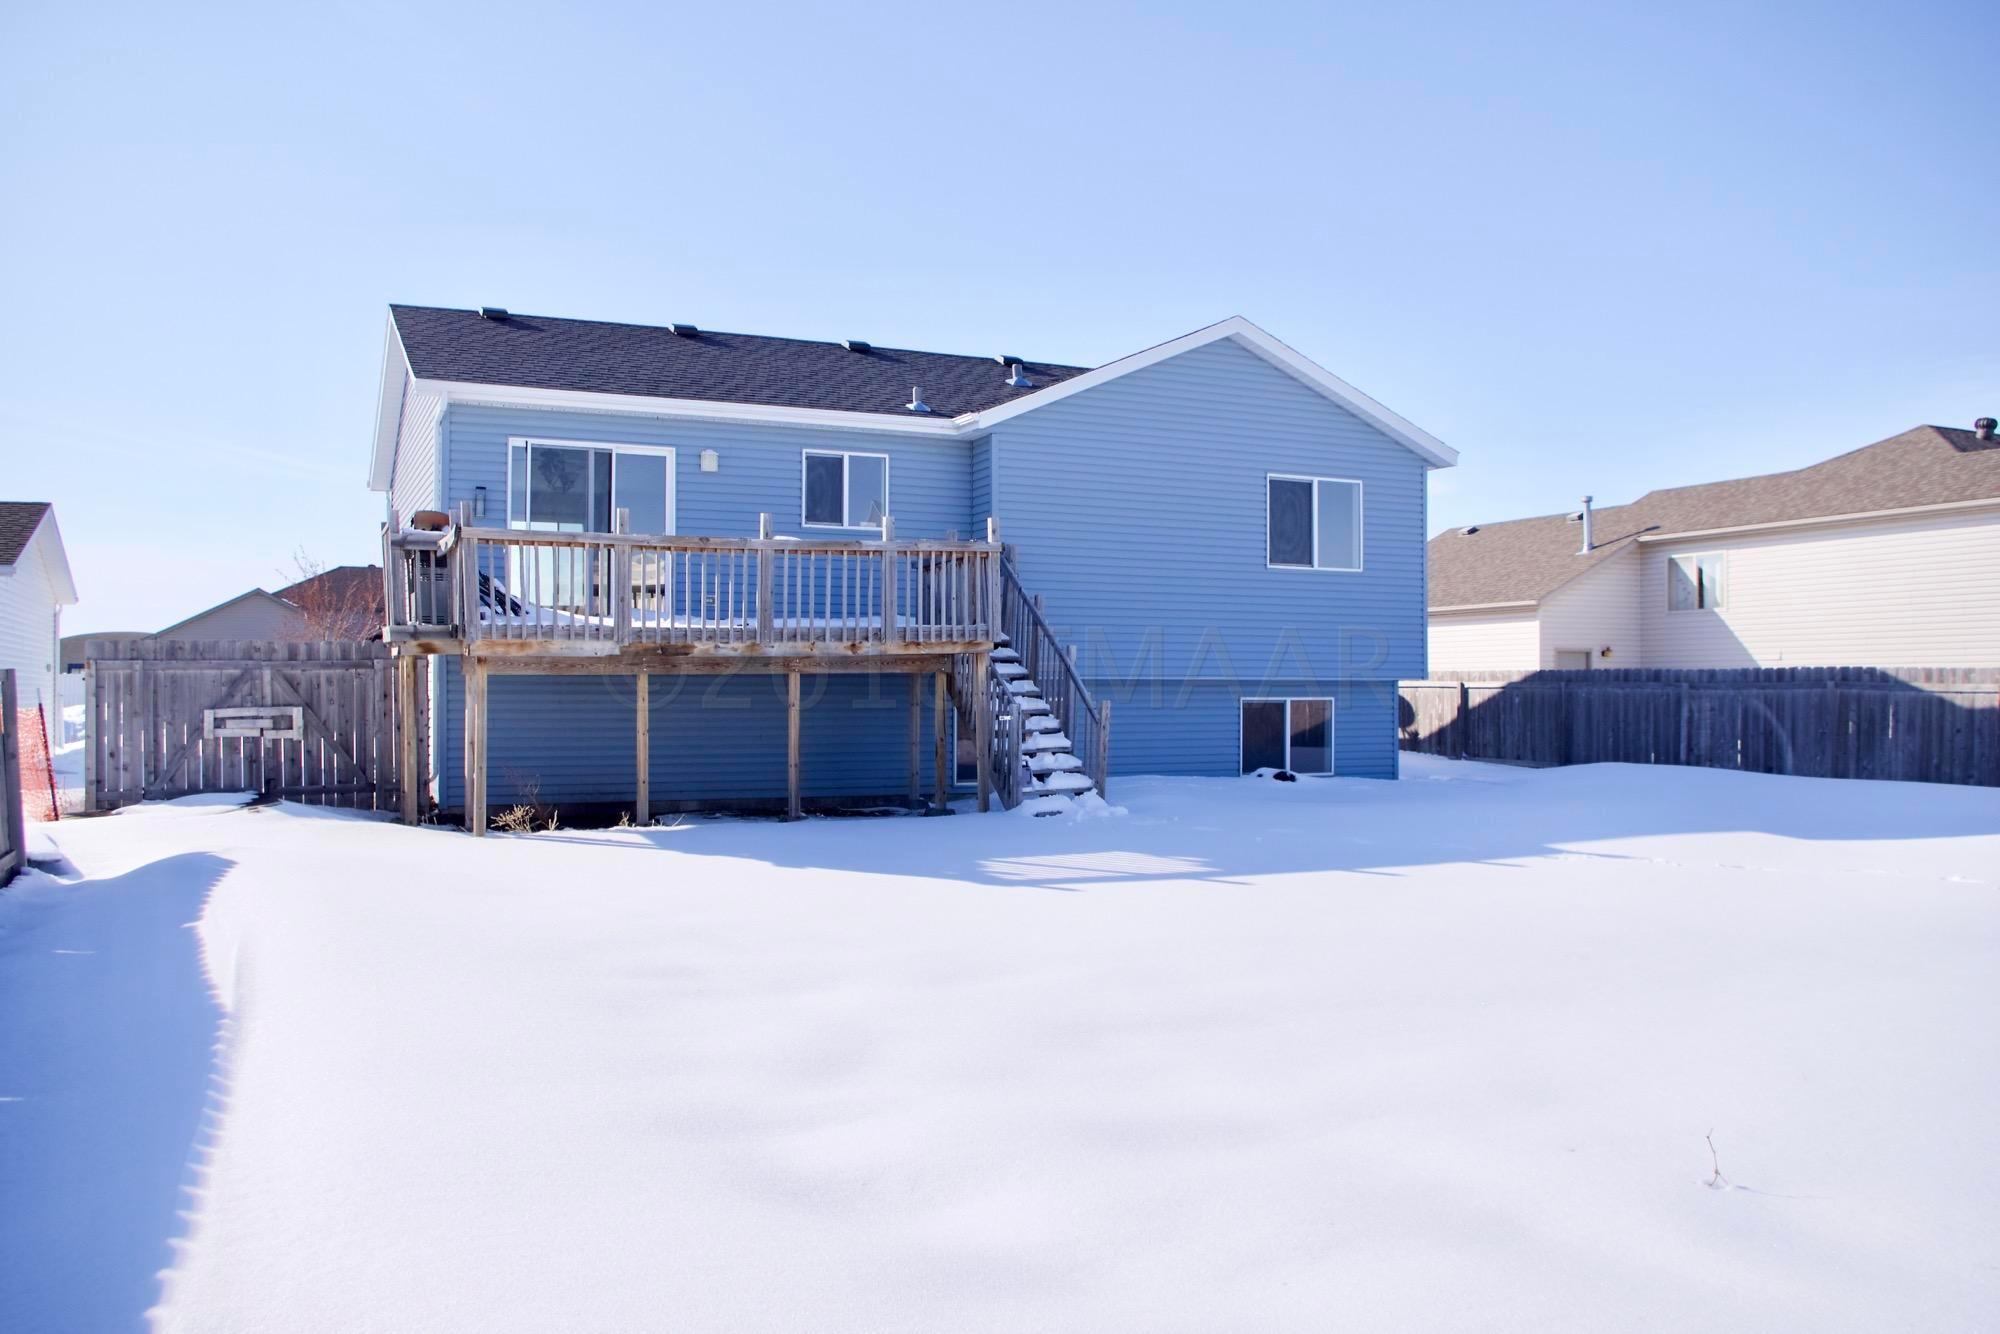 3409 8 Th Street W, West Fargo, ND - USA (photo 2)